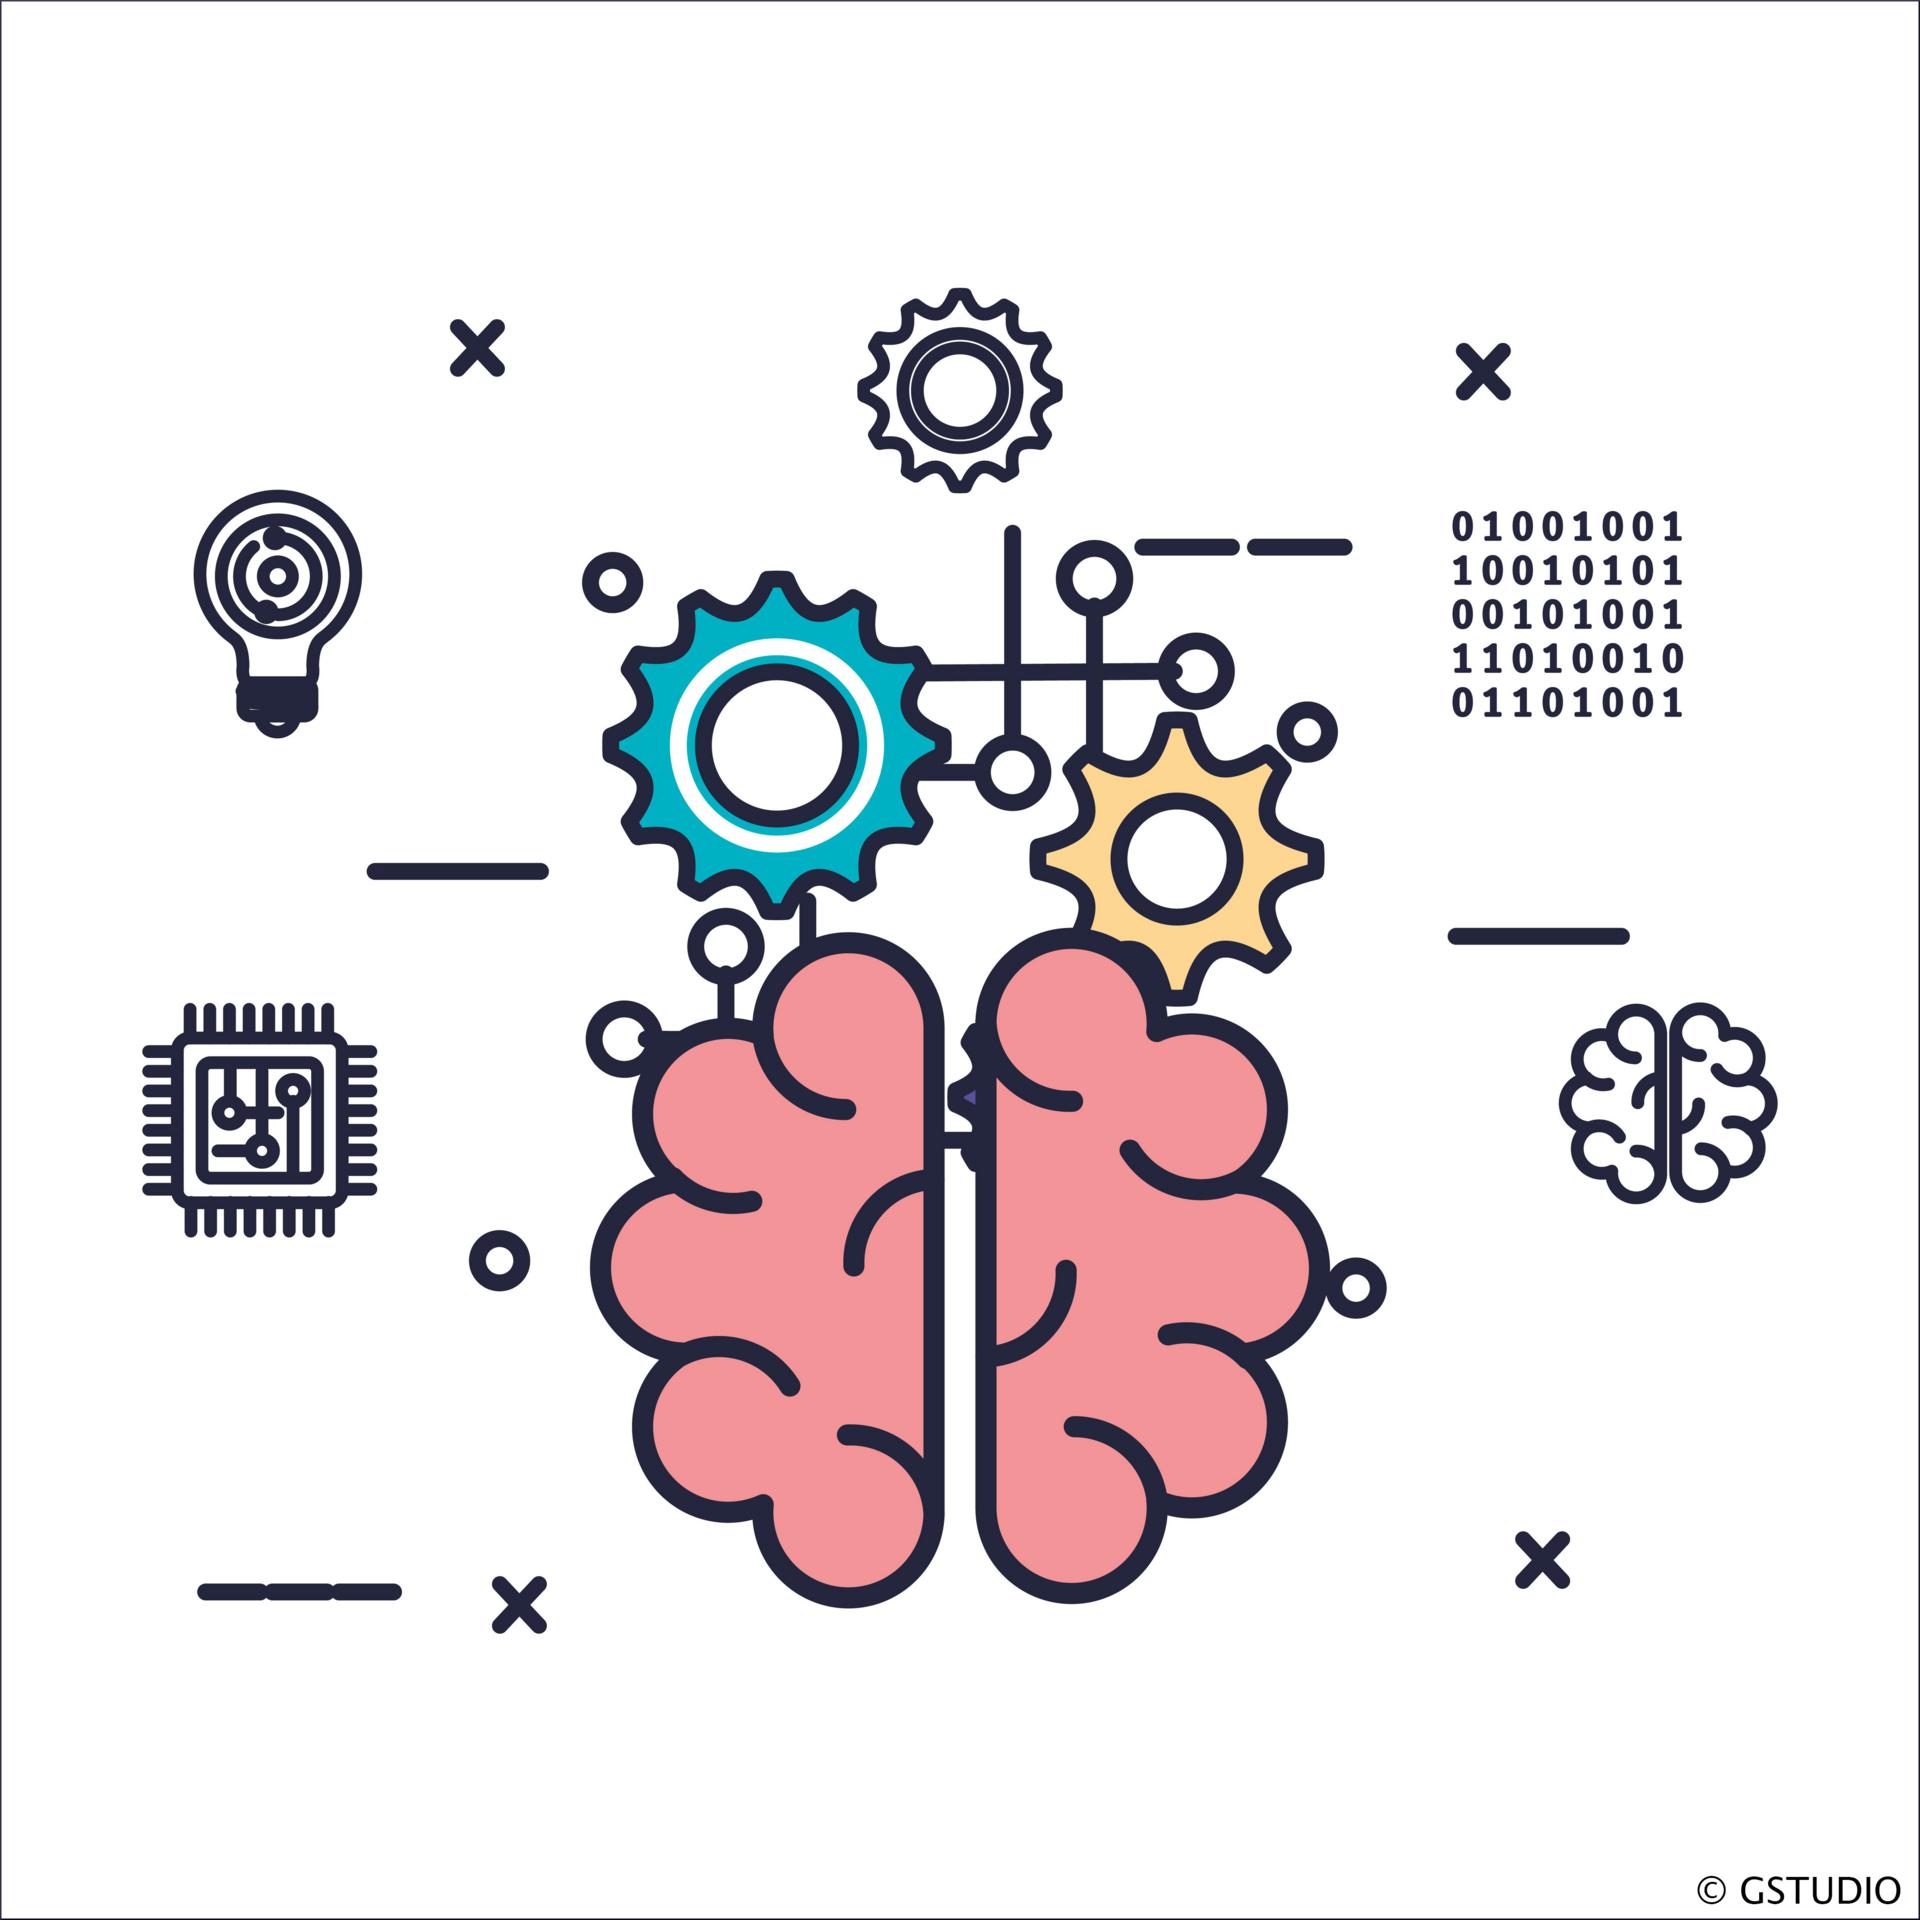 Zeichnung eines Gehirns umgeben von Zahnrädern, einer Platine und einem Zahlenblock mit Zahlen aus dem Binärsystem